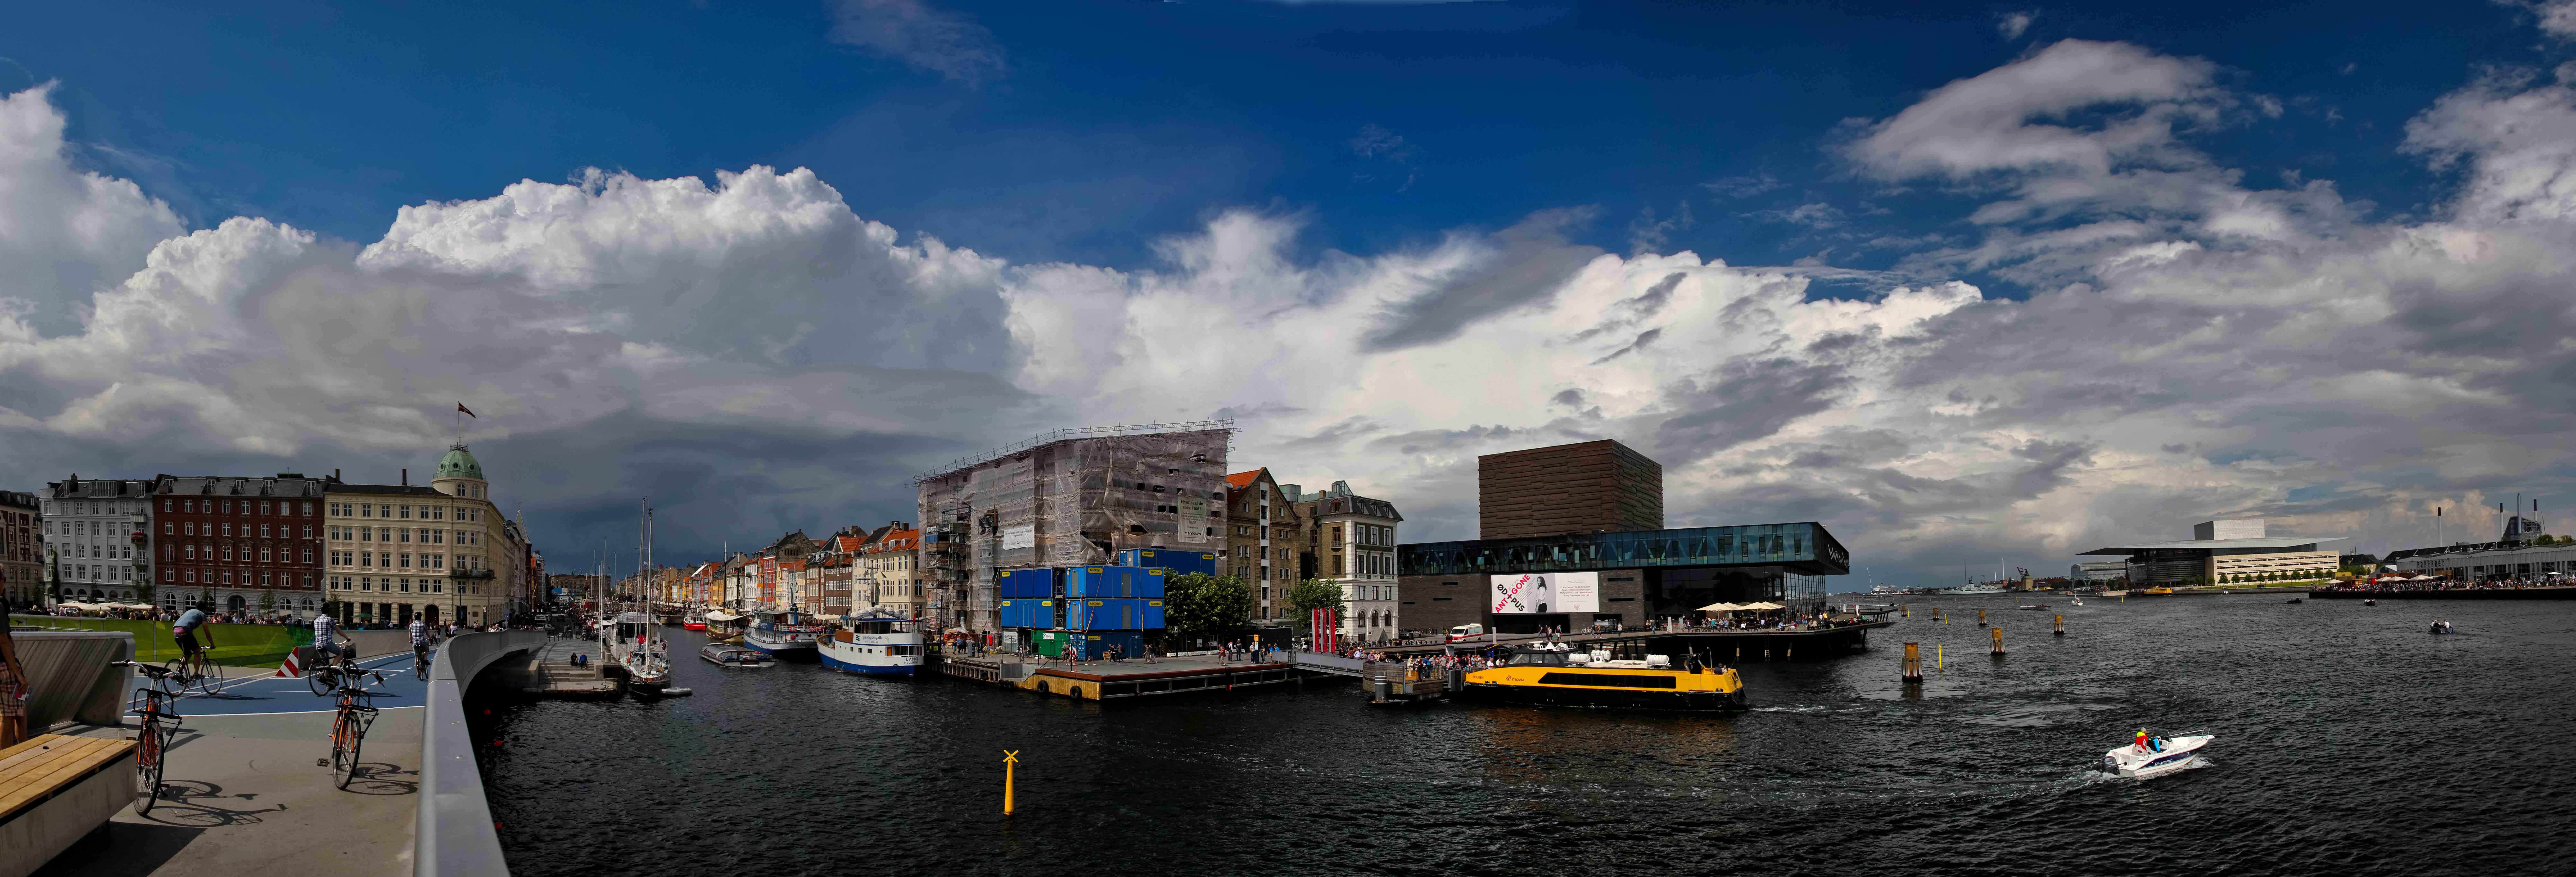 Копенгаген. Центр